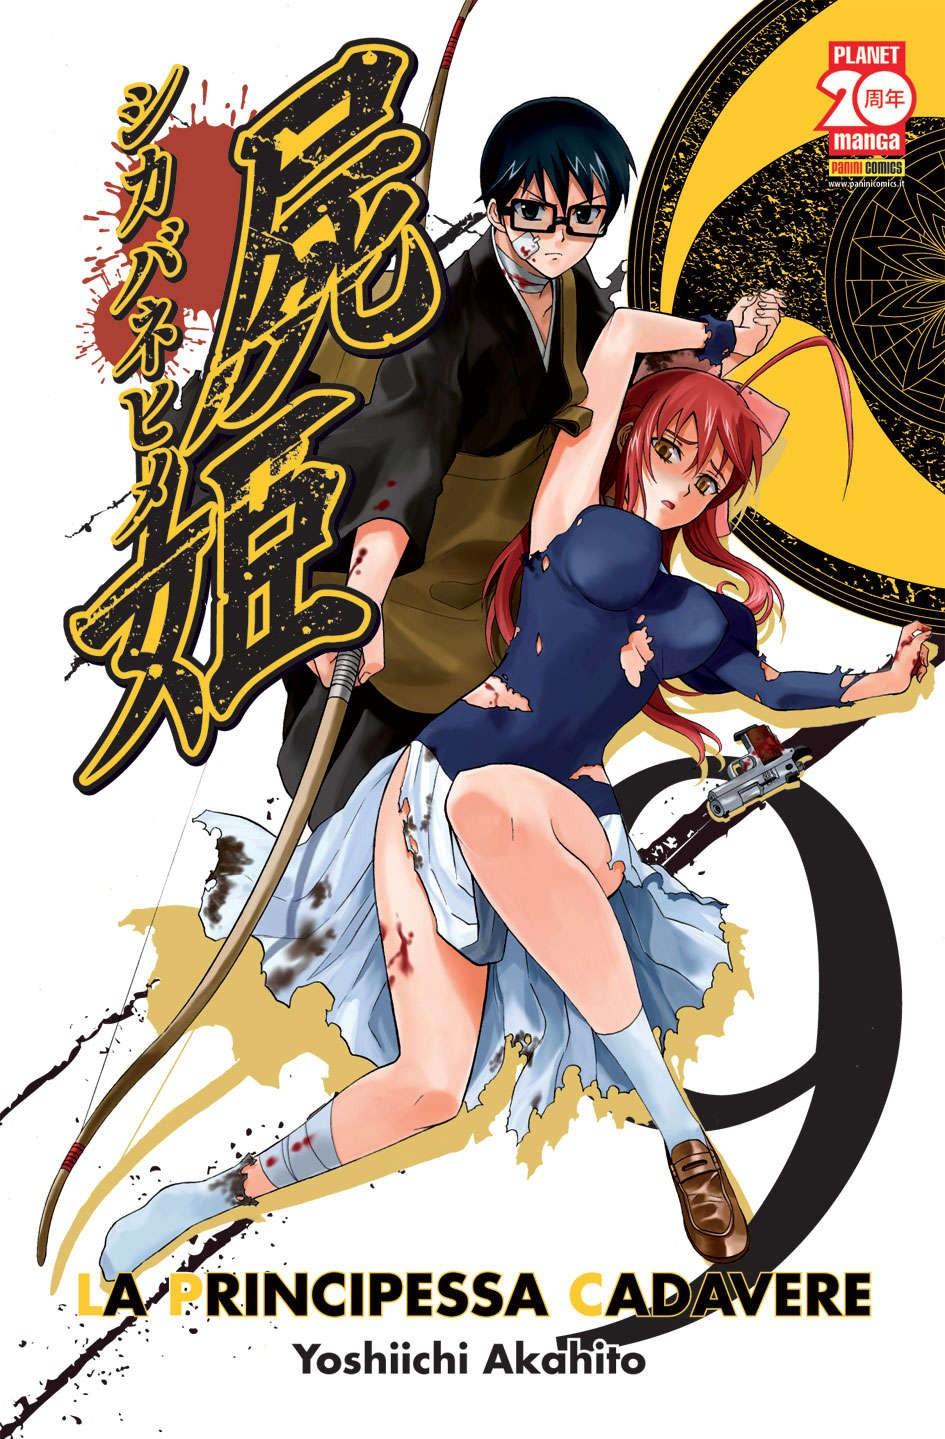 Principessa Cadavere - N° 9 - La Principessa Cadavere - Planet Manga